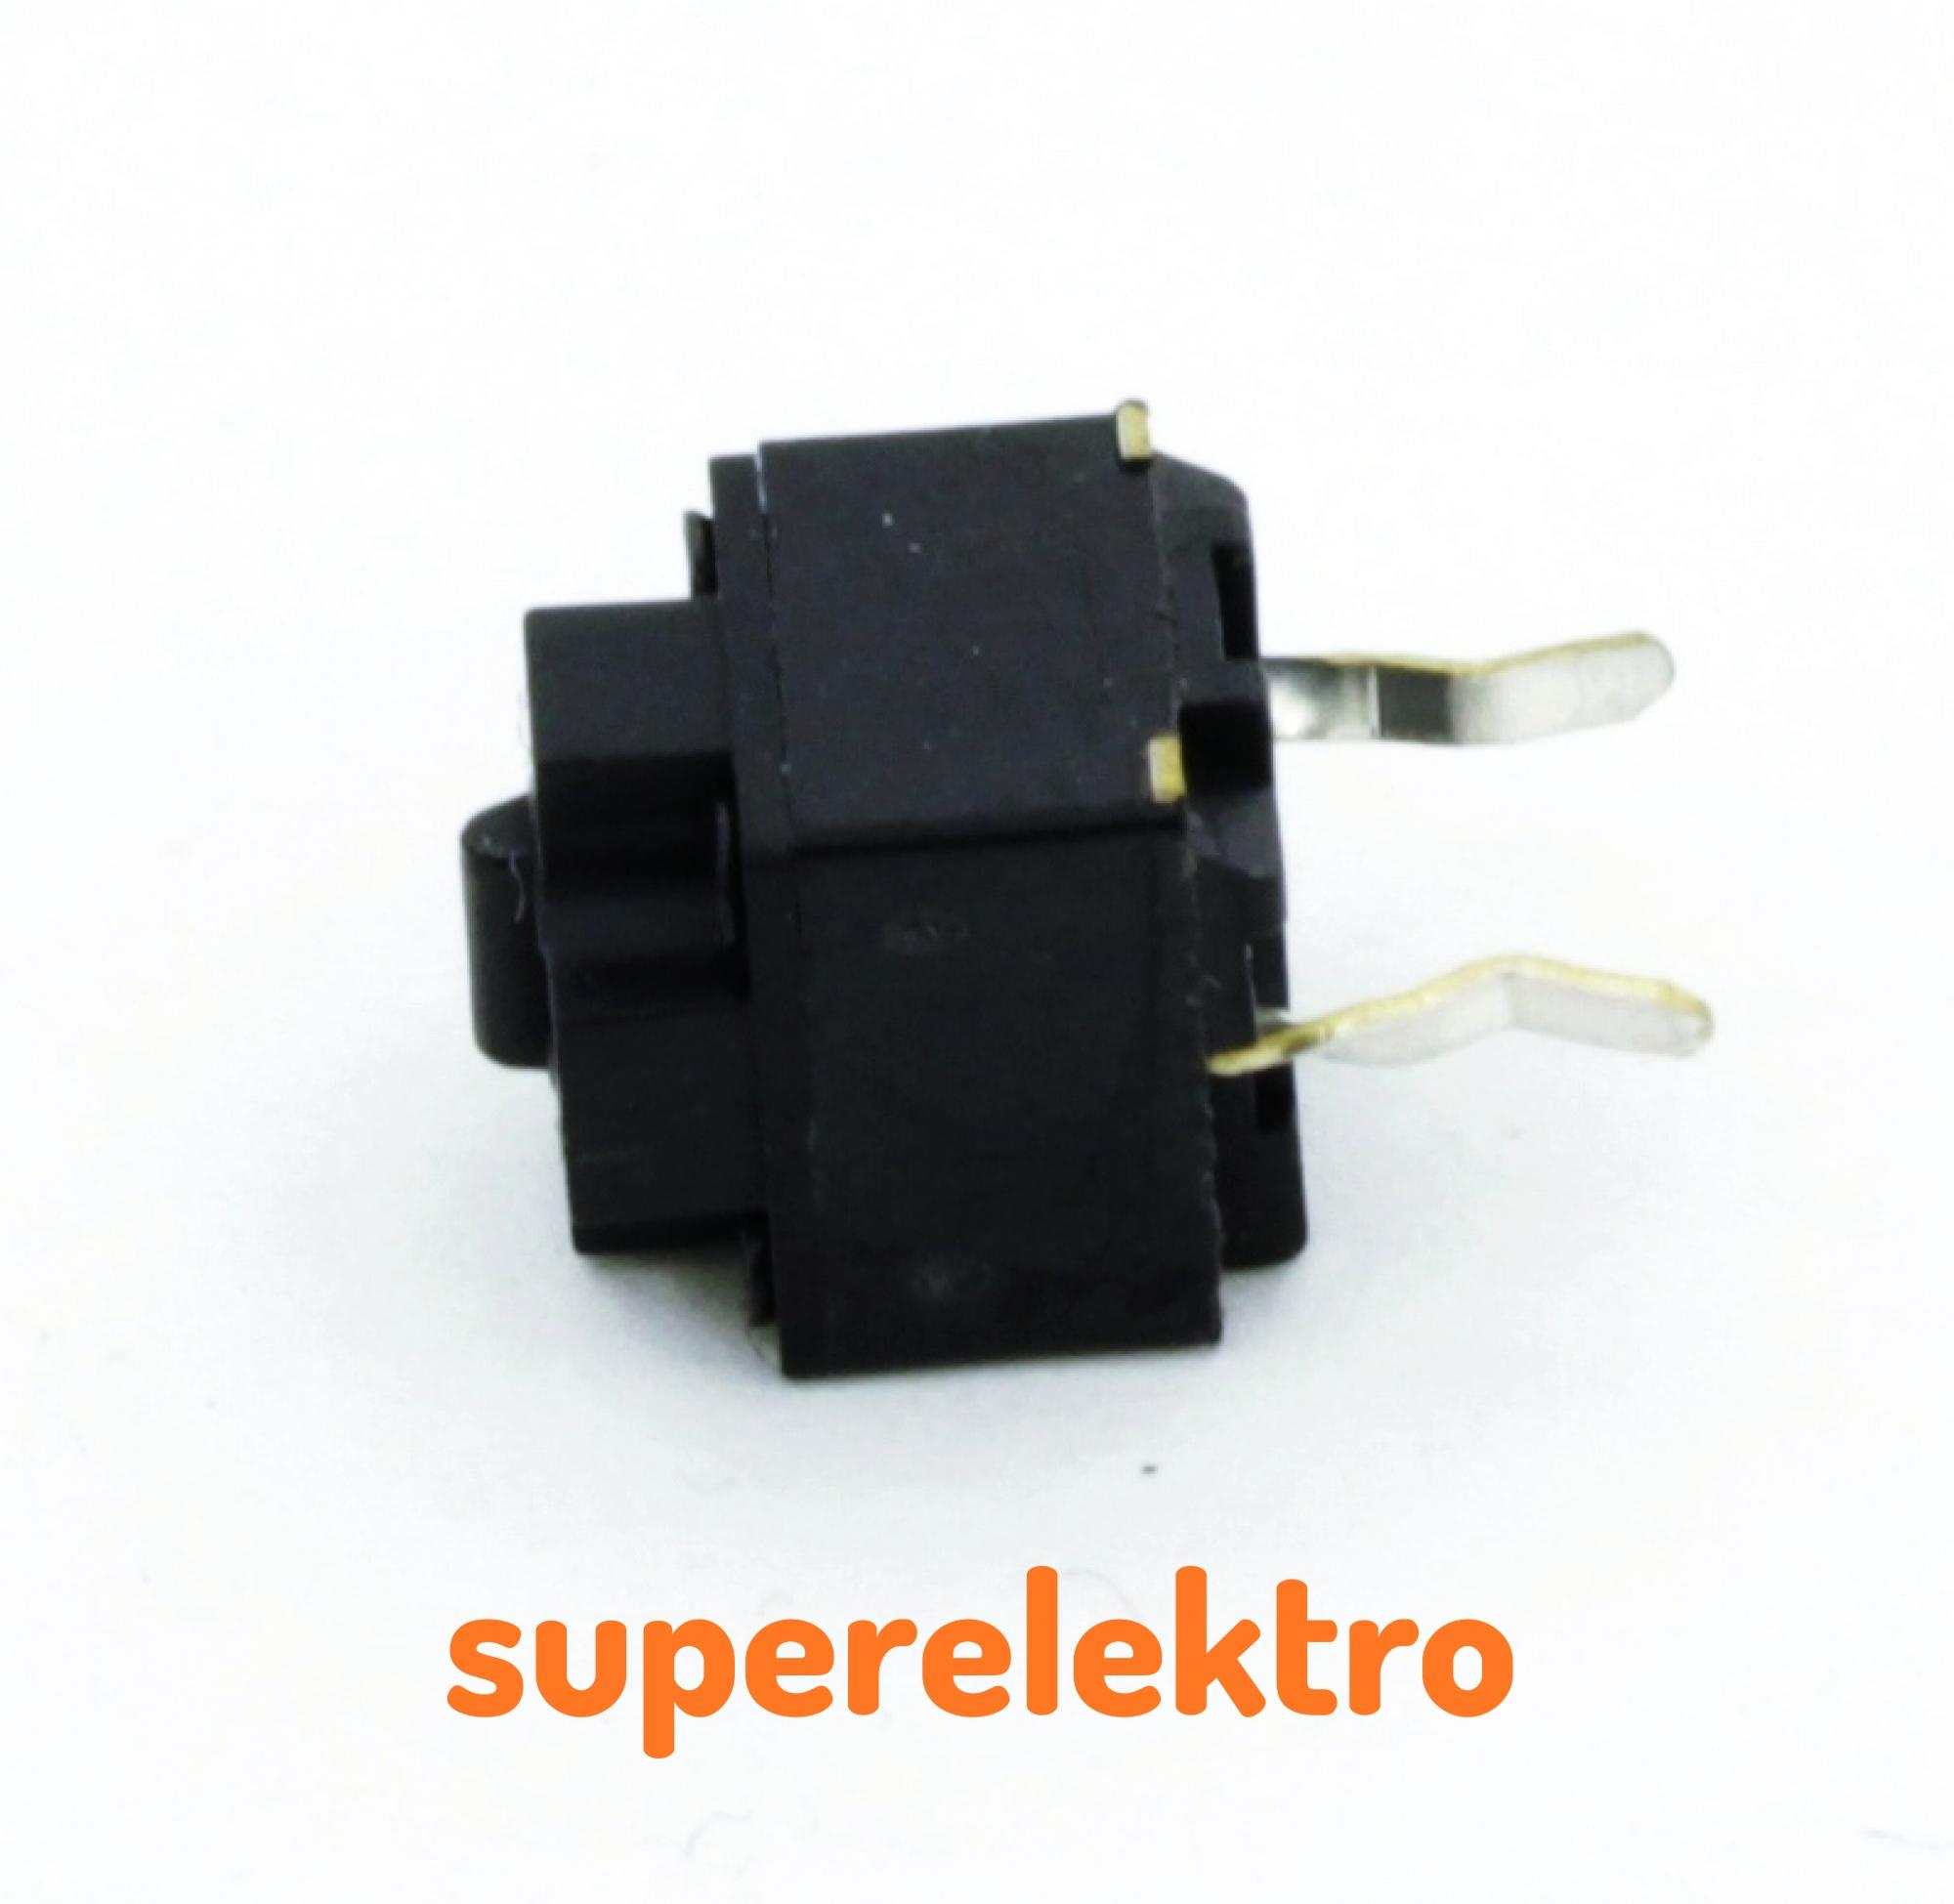 120 Stk 6x6x7mm DIP Durchgangsloch Taster Taktschalter Taktile Schalter